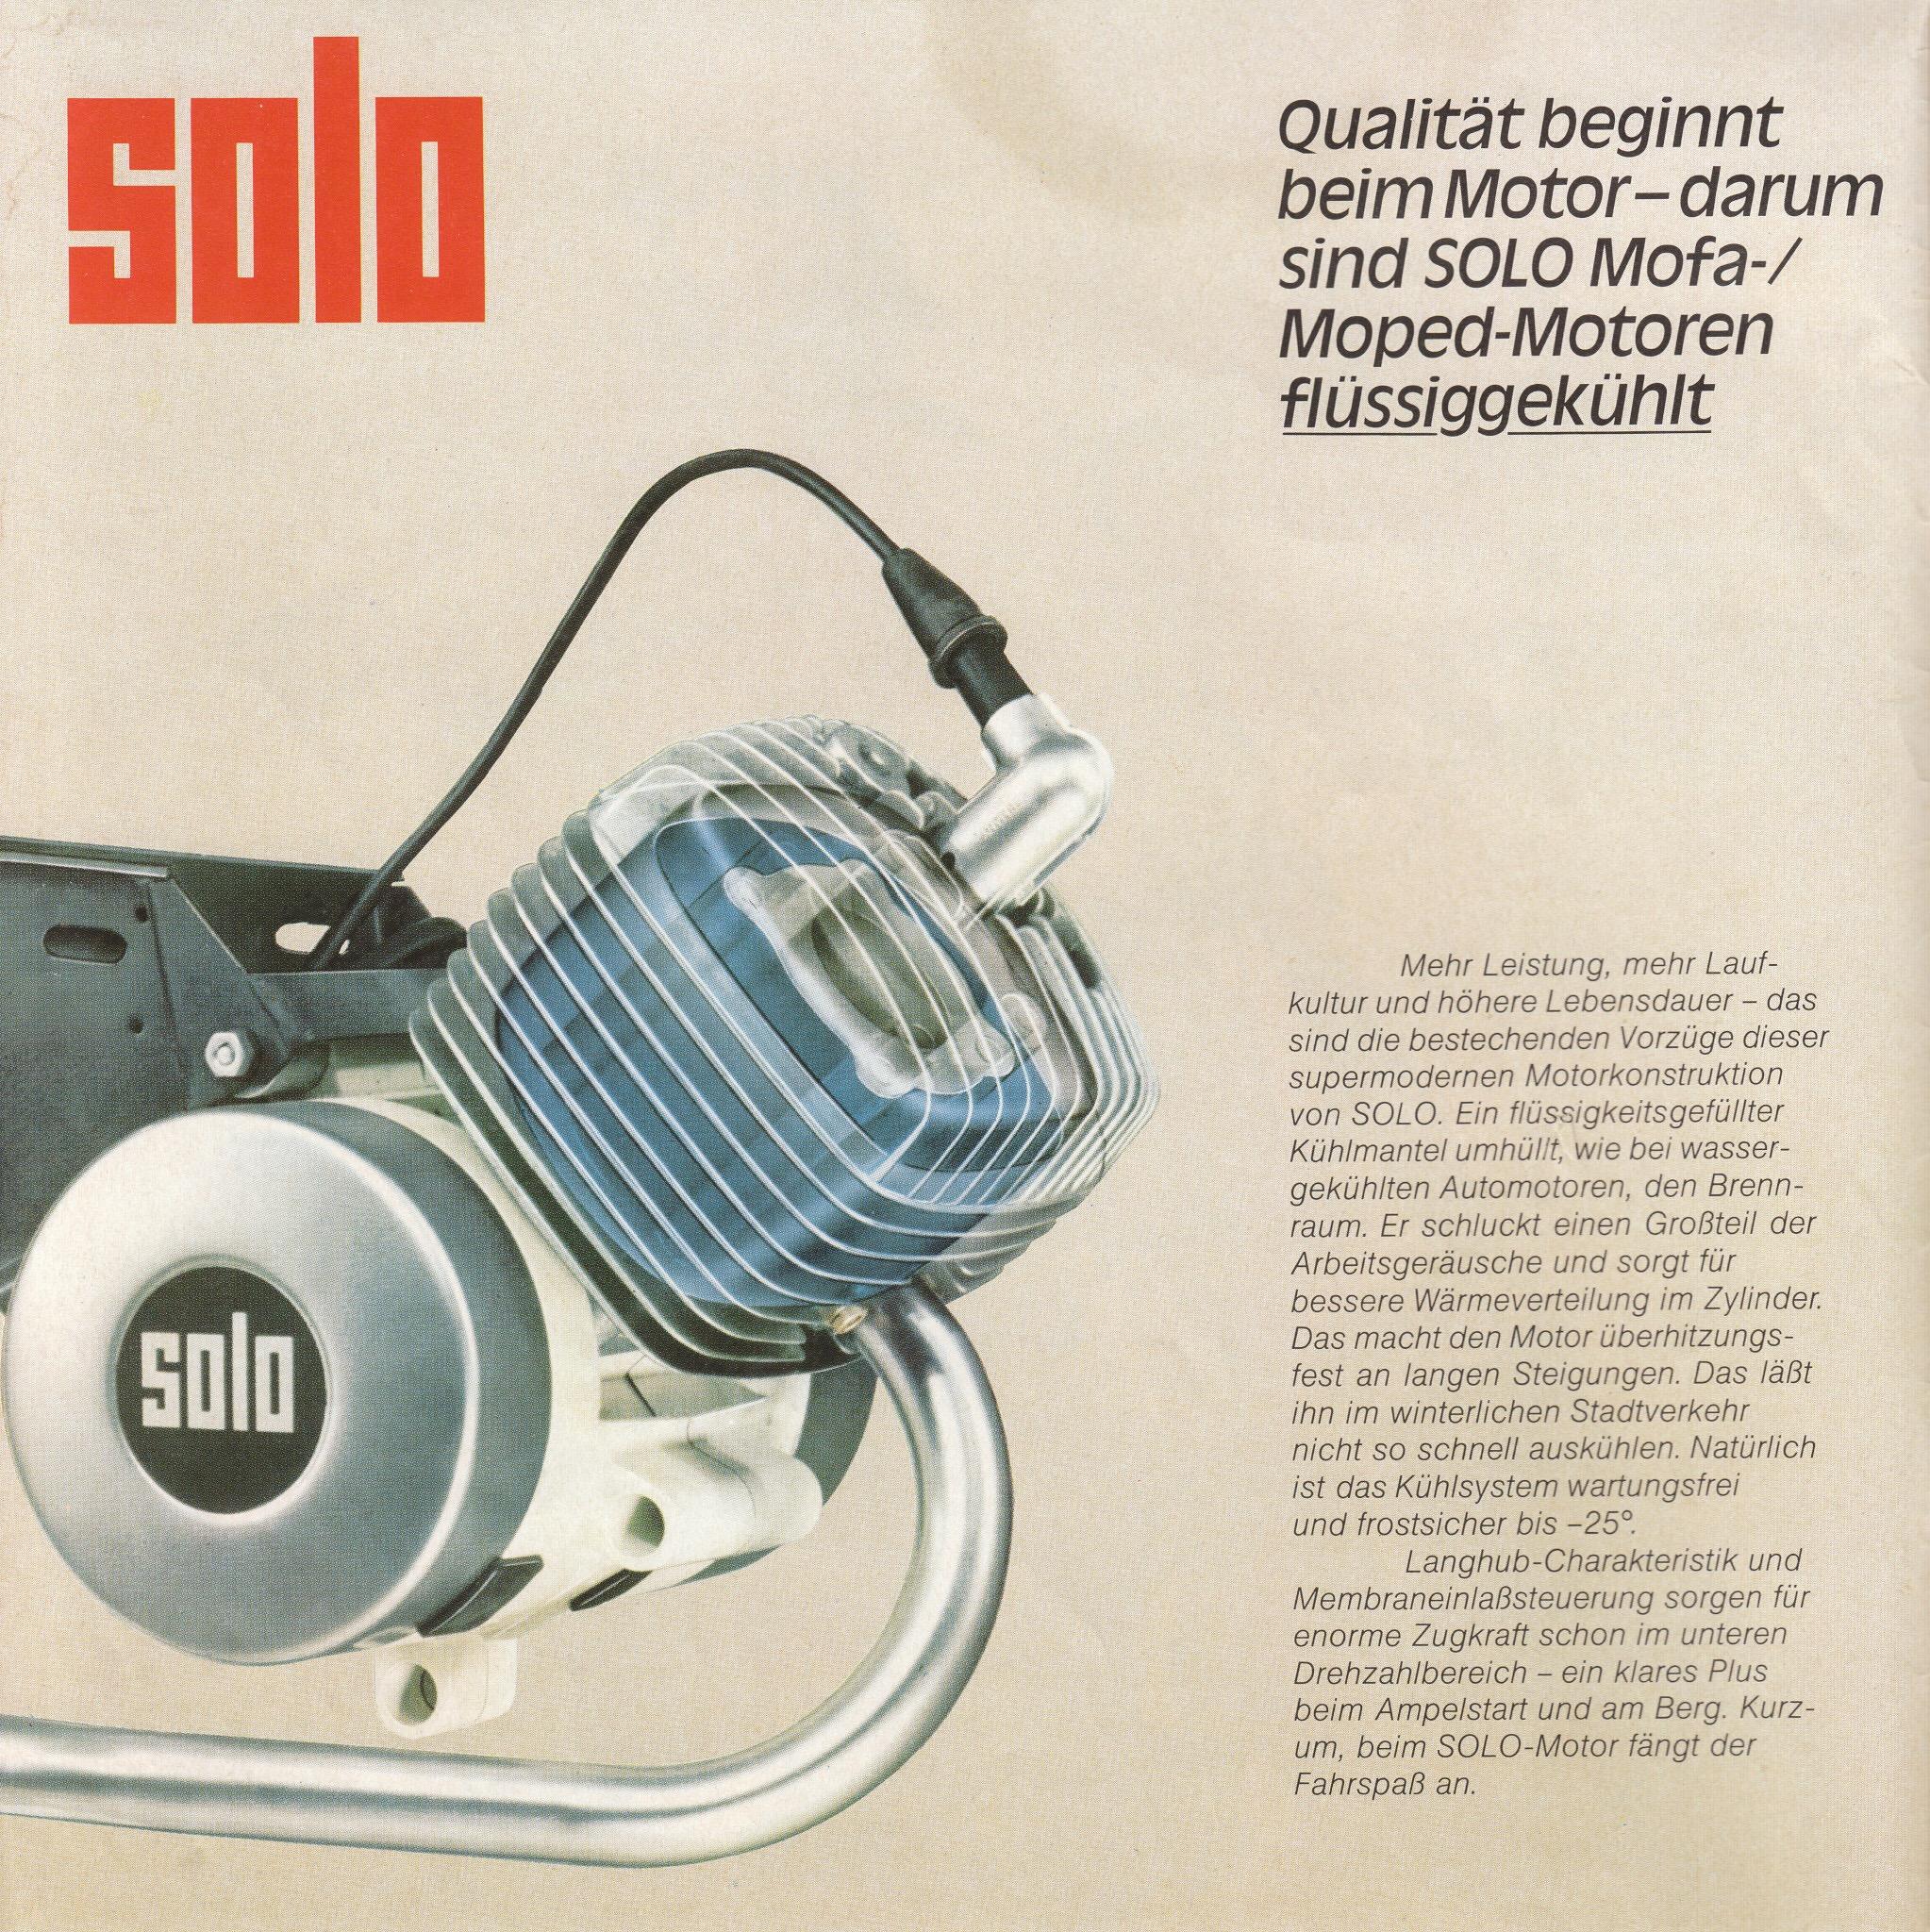 Solo Technik: Motor und Getriebe